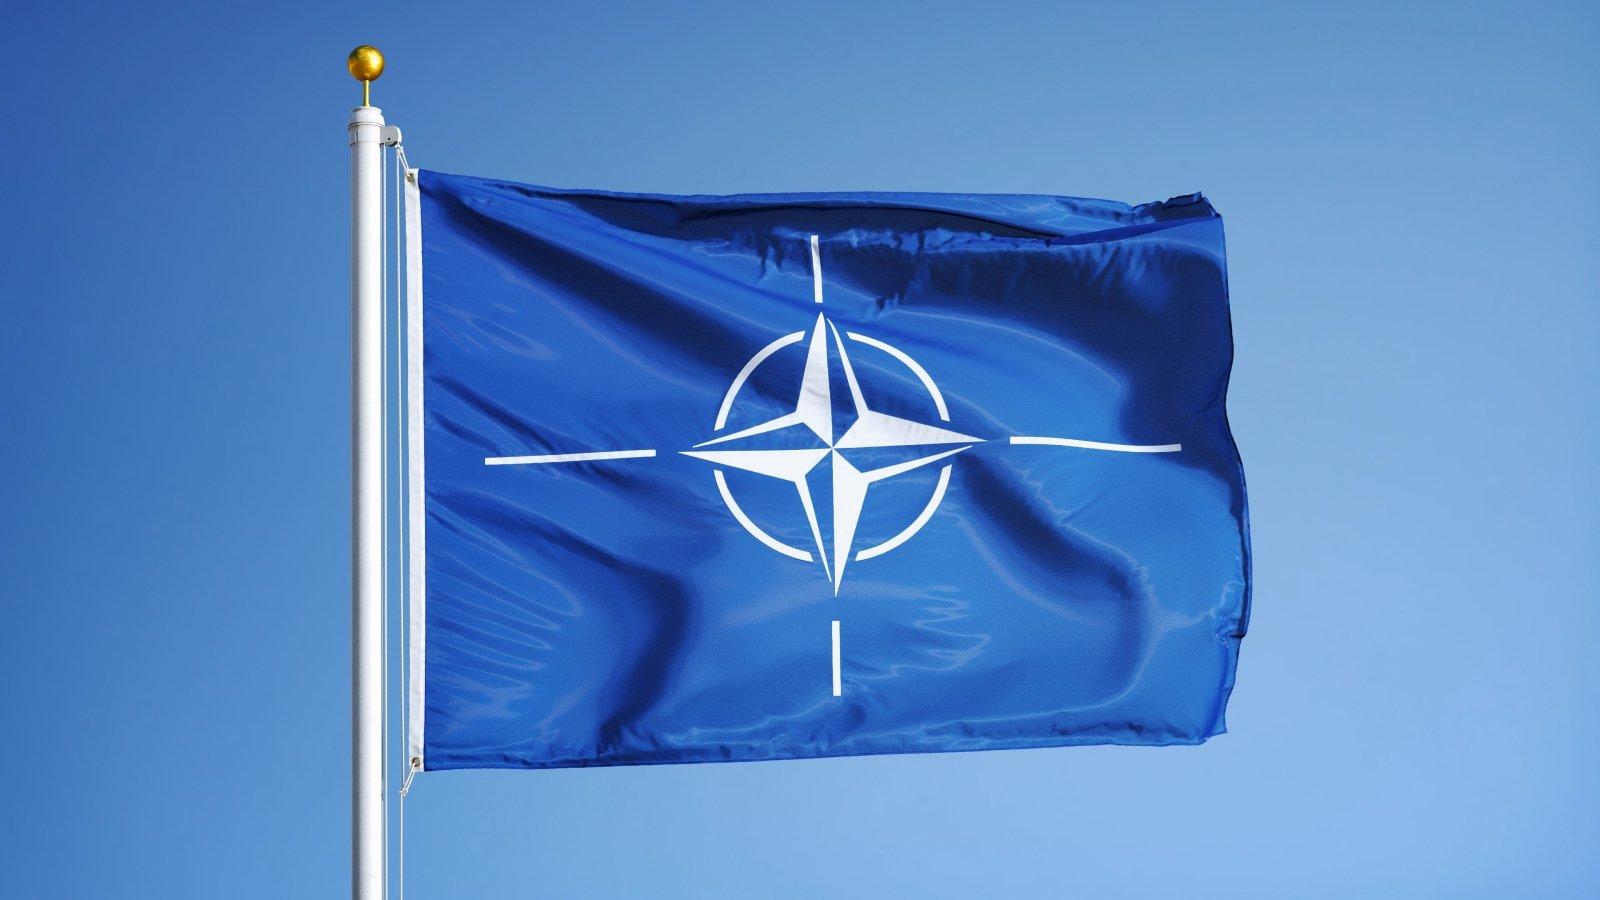 СМИ: вступление Македонии в НАТО - очередной успех Запада против России